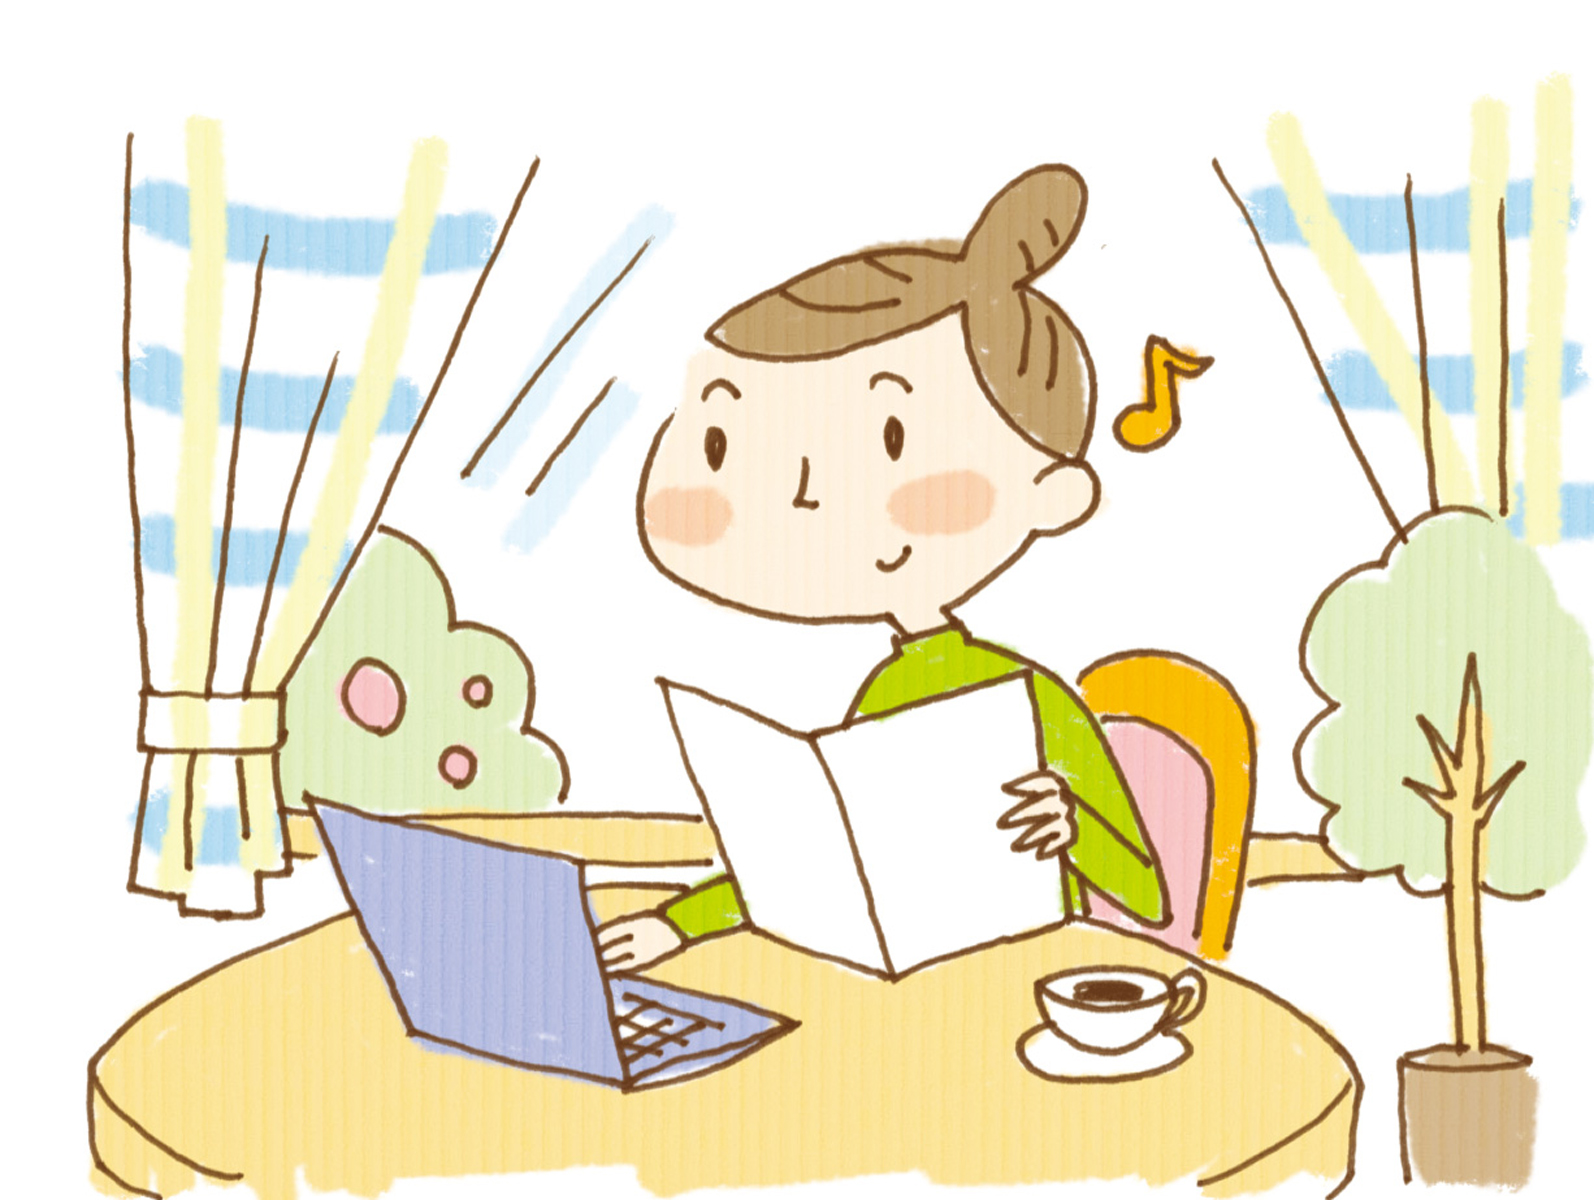 fc2ブログの作り方-2日目-パソコン音痴の妻にも出来た!